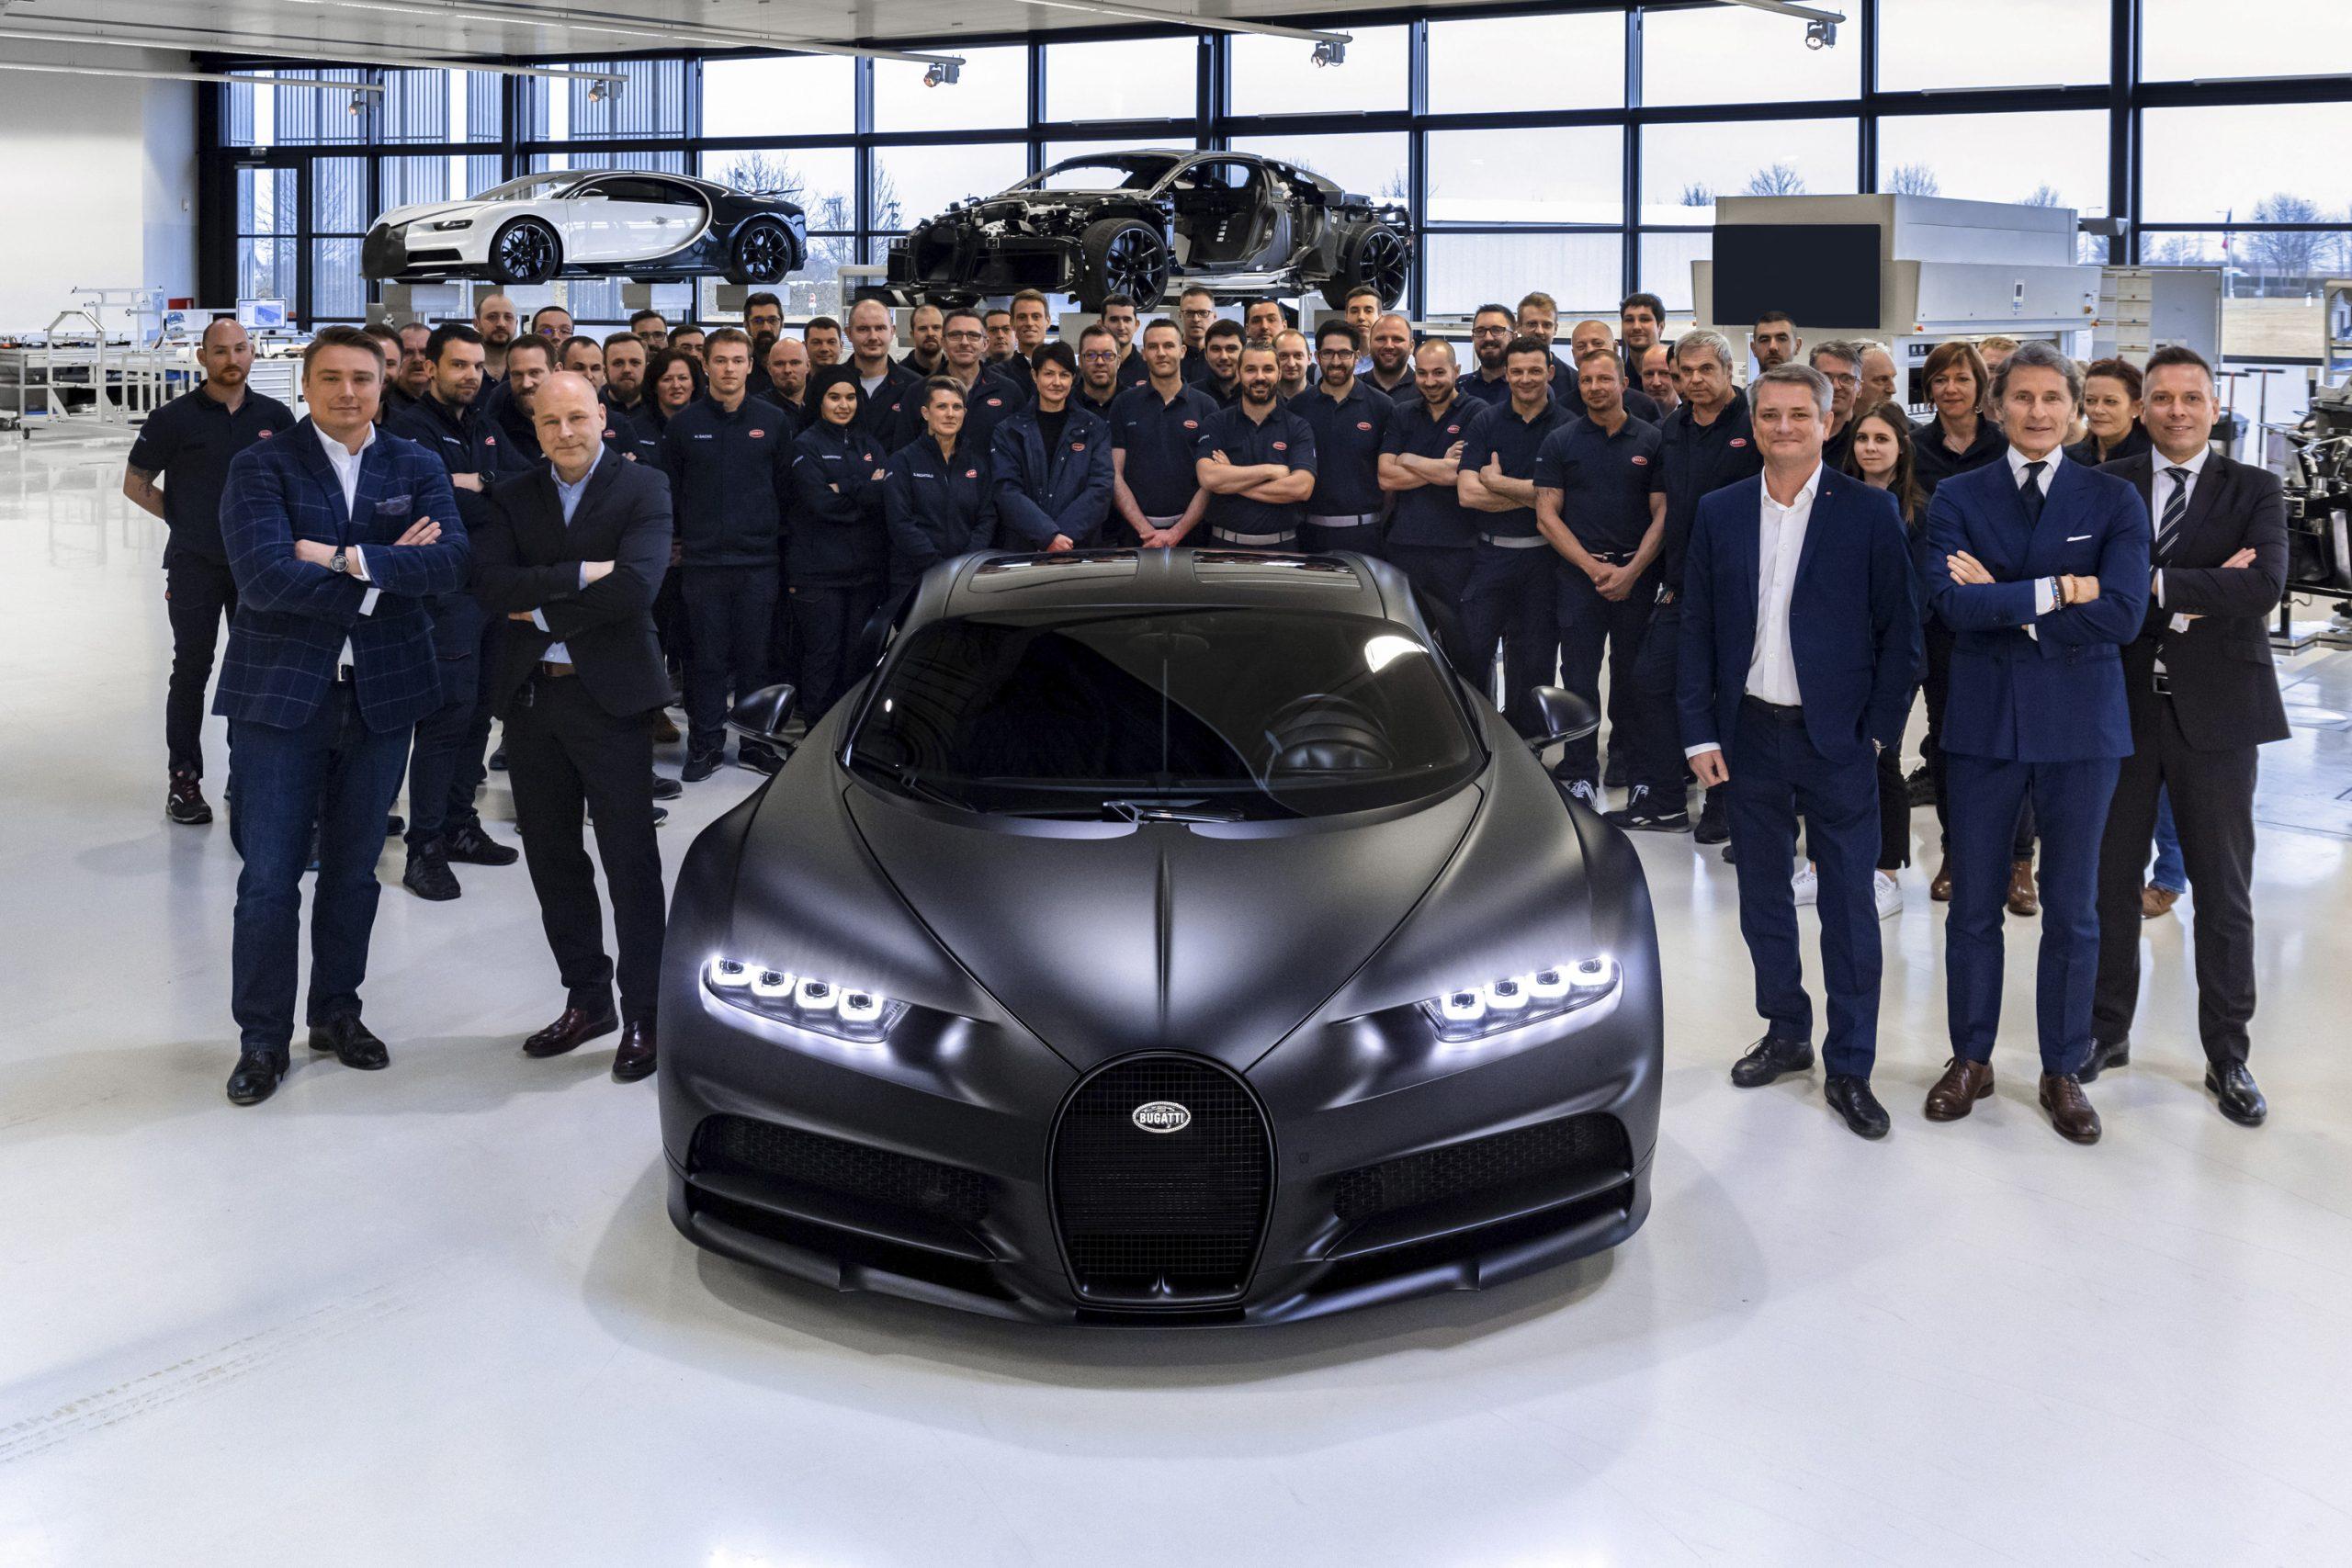 Bugatti Chiron дебютировал в 2016 году, а его запланированный тираж составляет всего 500 экземпляров. Сейчас достигнут «экватор»: с конвейера сошёл 250-й автомобиль, который покажут на Женевском автосалоне.